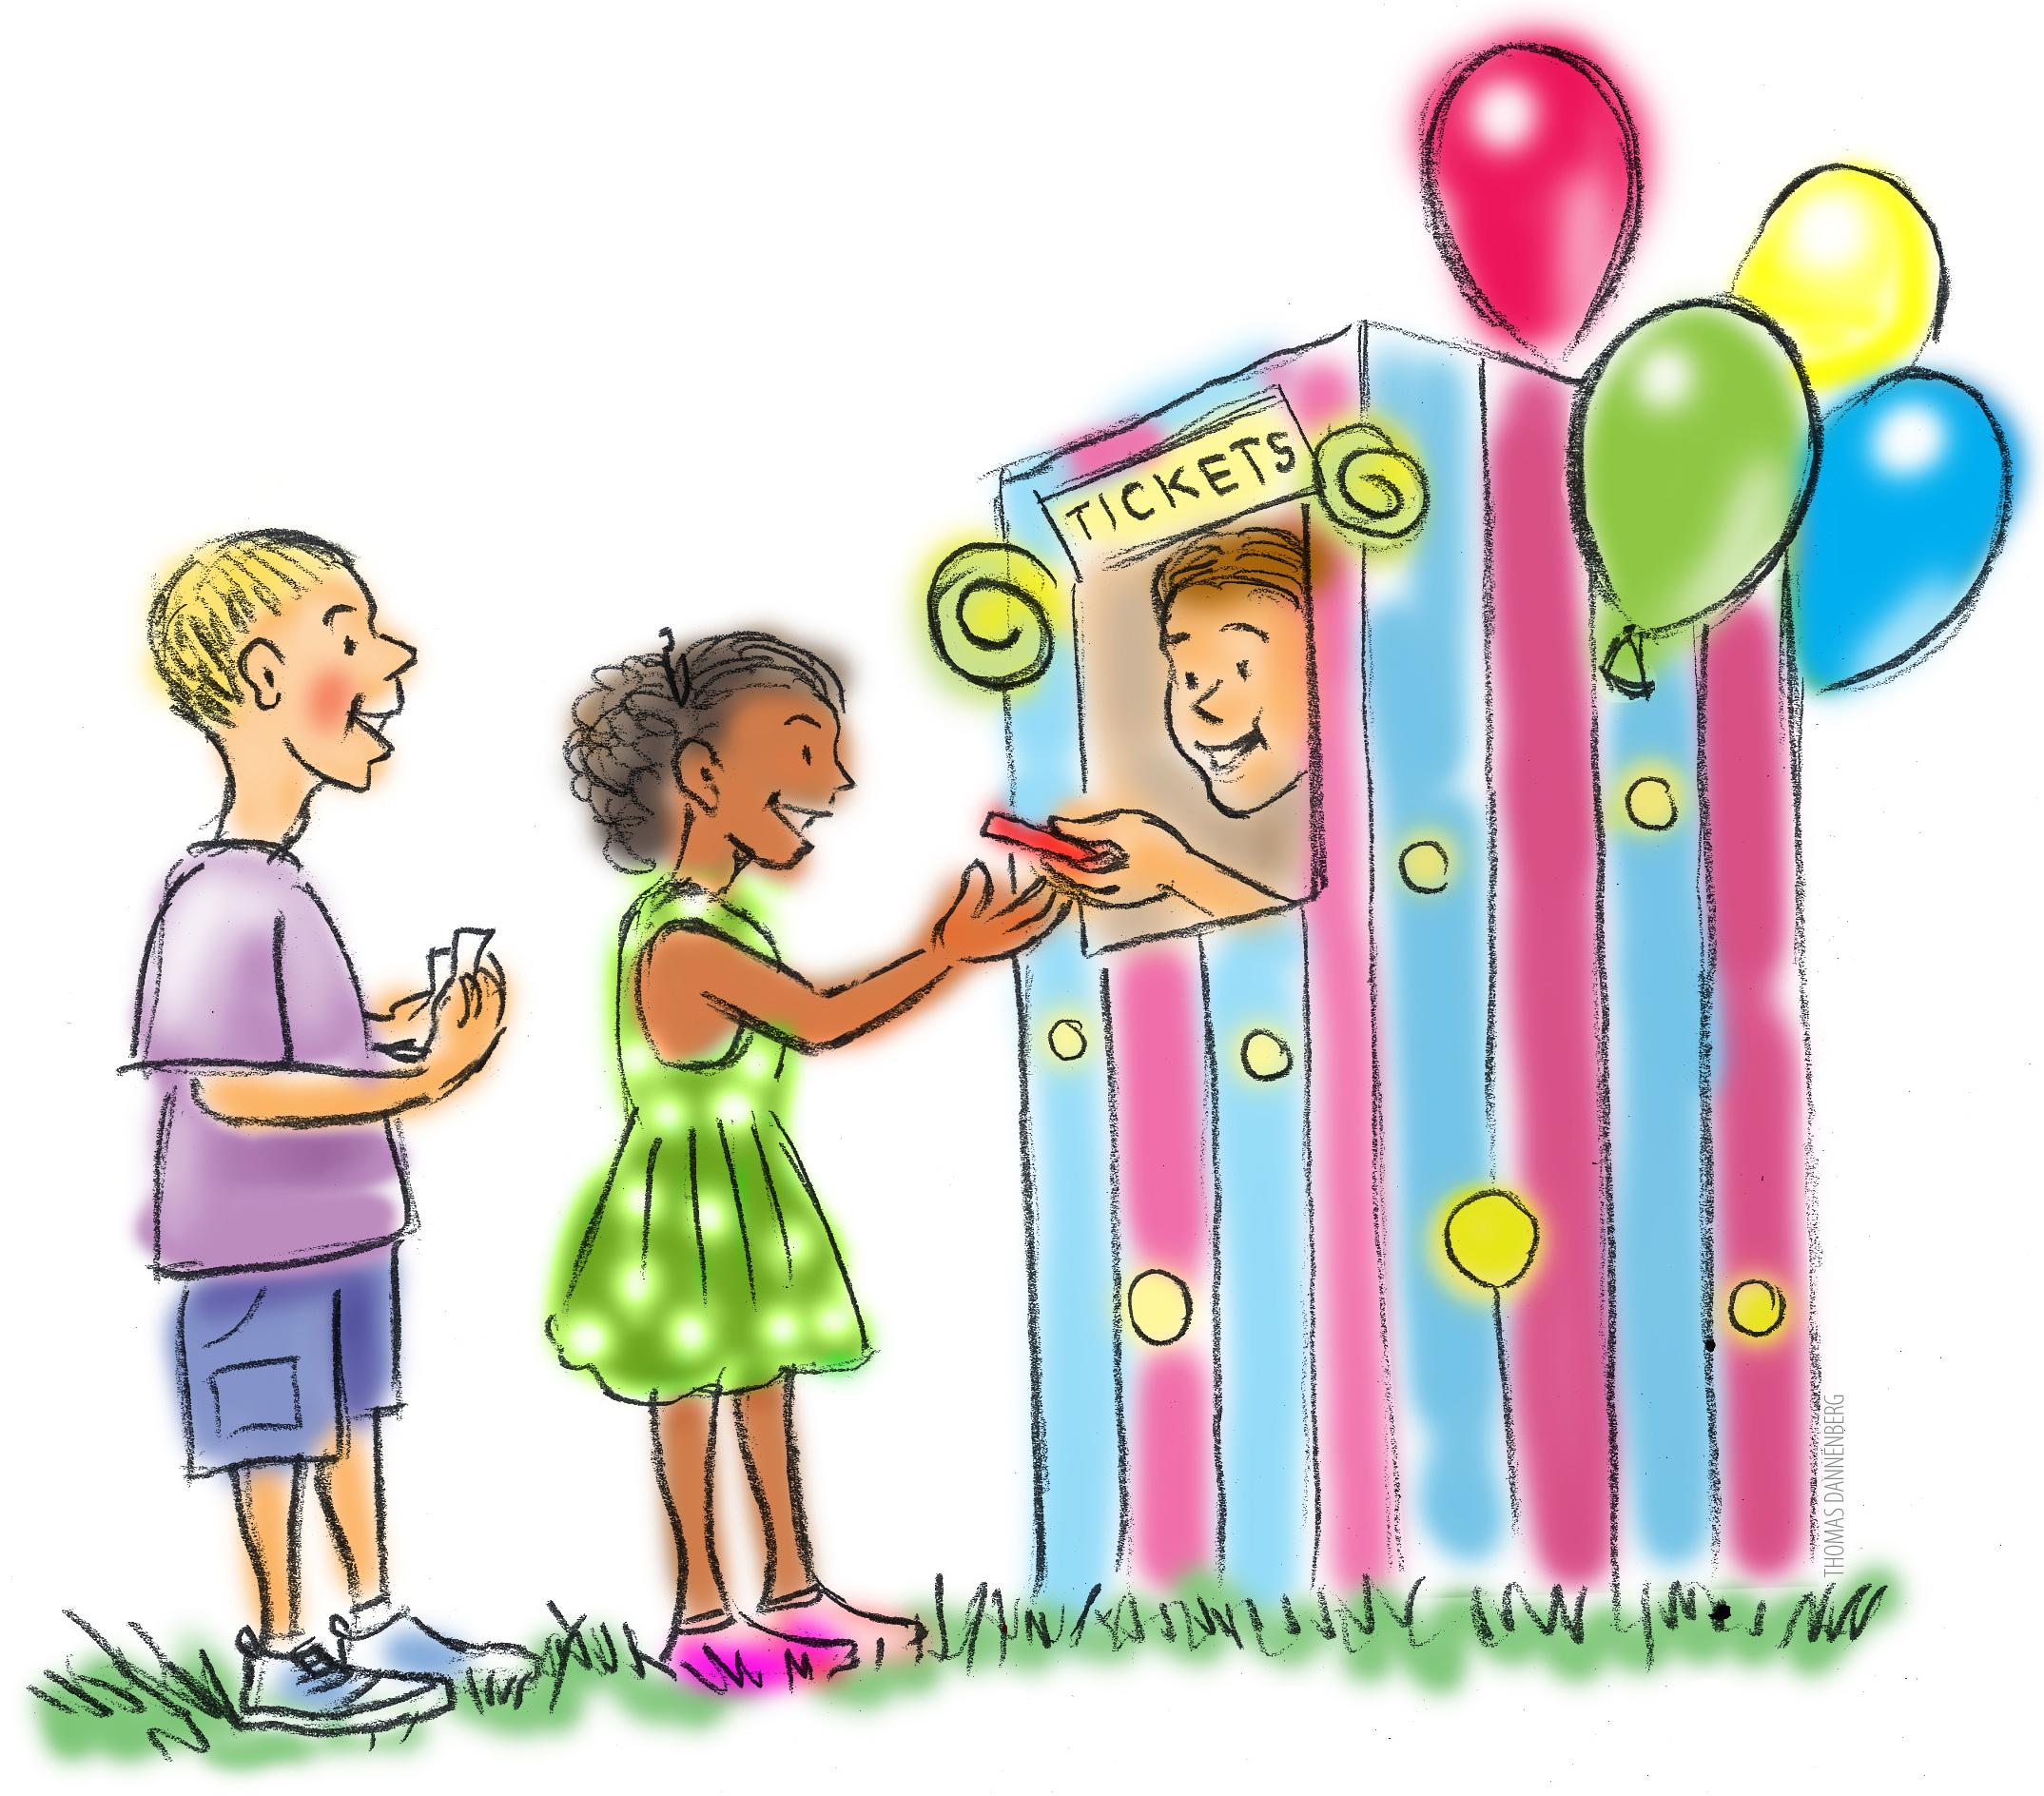 Carnival cliparting com . Fair clipart kid fair